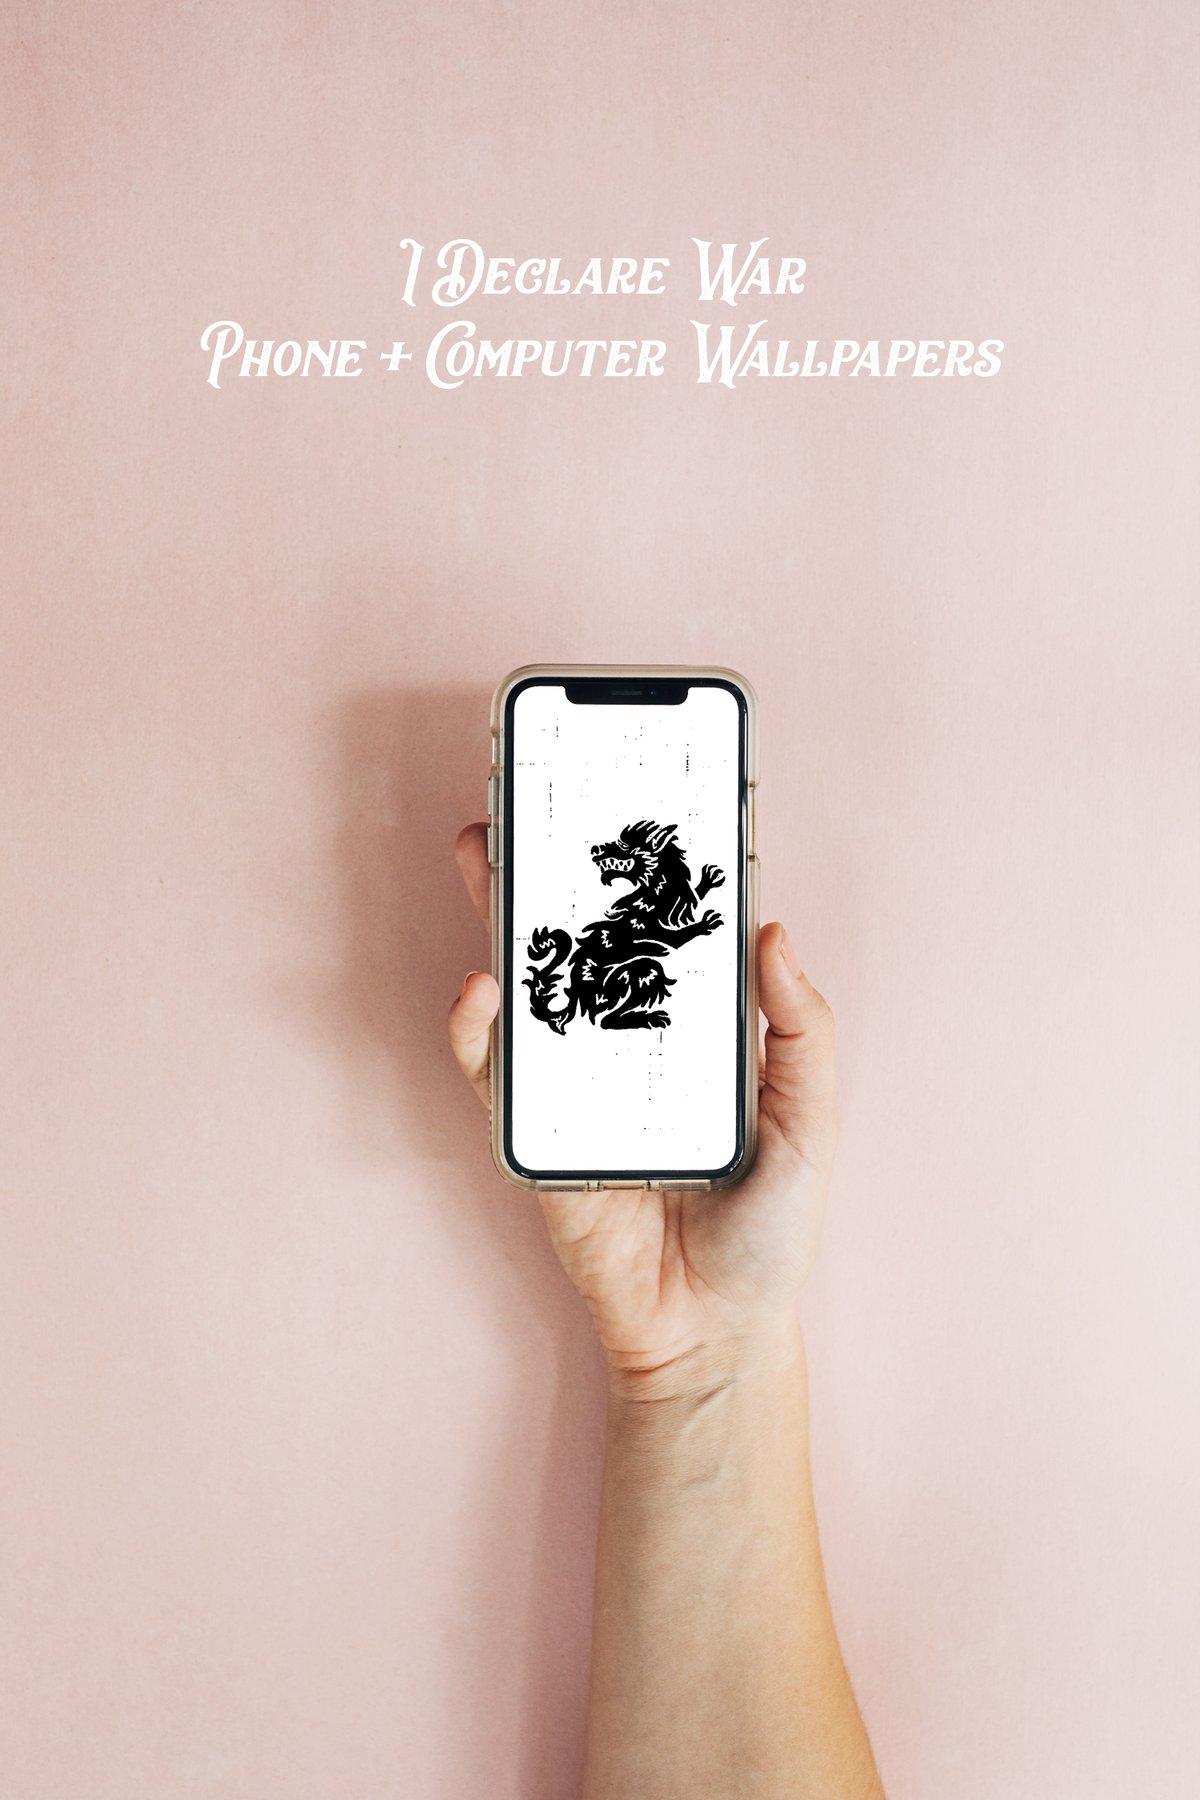 I-Declare-War-Wallpapers_1200x.jpg